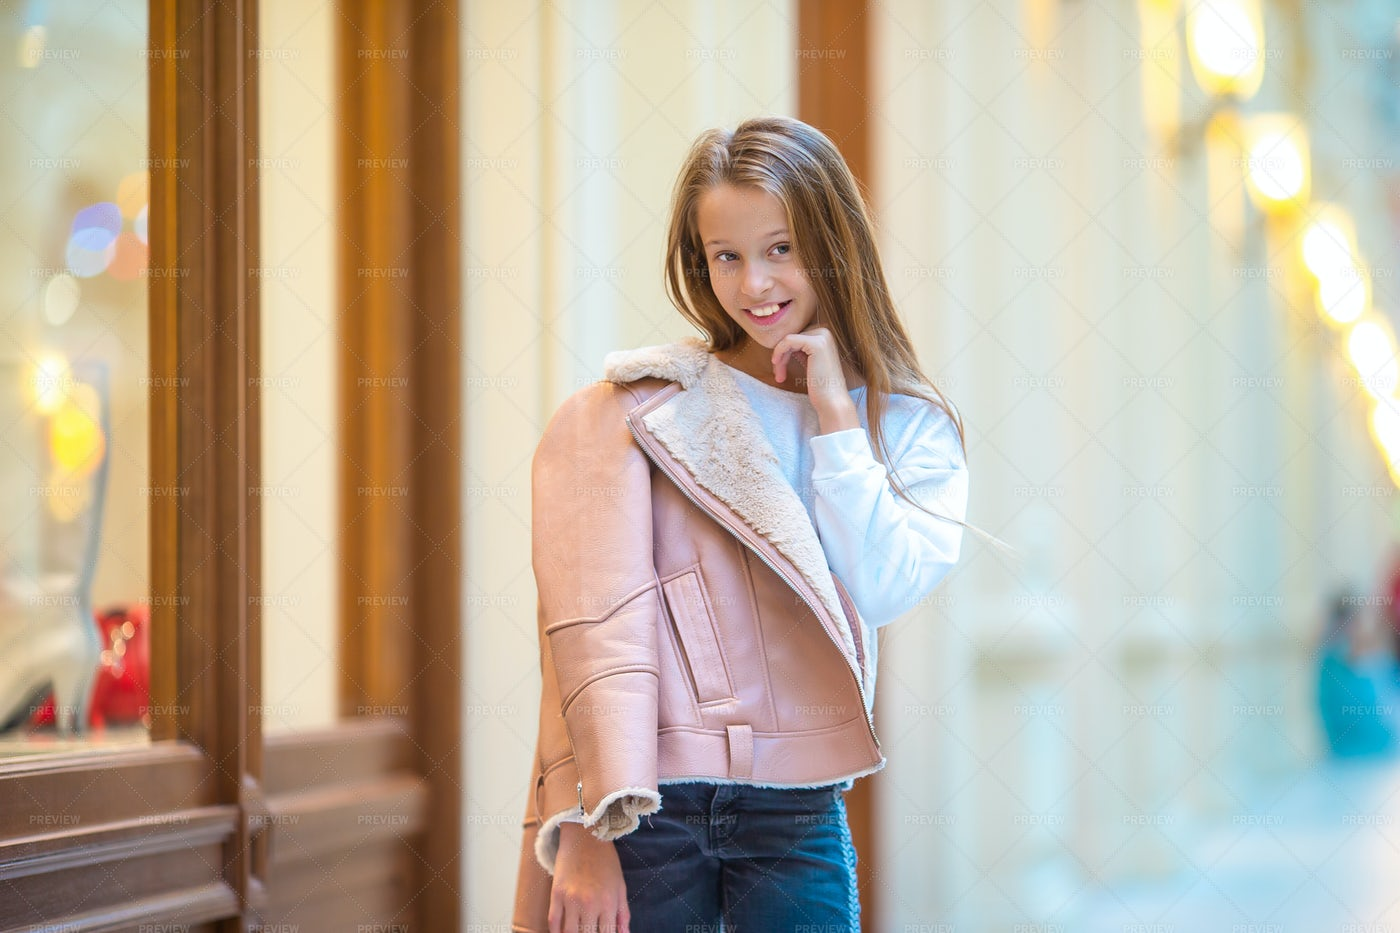 Girl Posing In Shopping Mall: Stock Photos